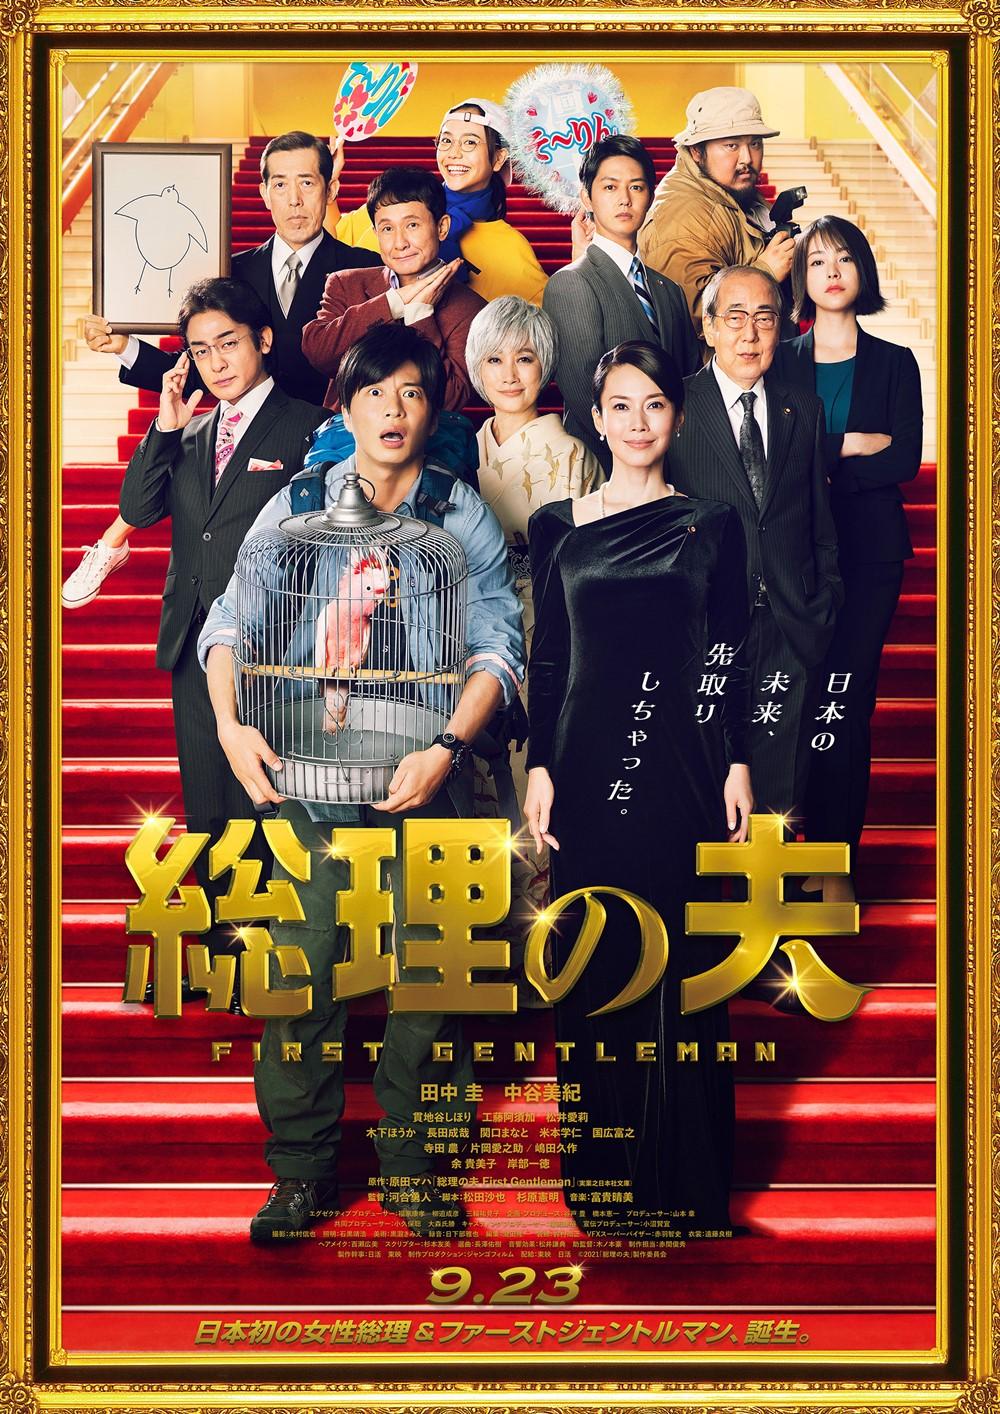 【画像】映画『総理の夫』ポスタービジュアル